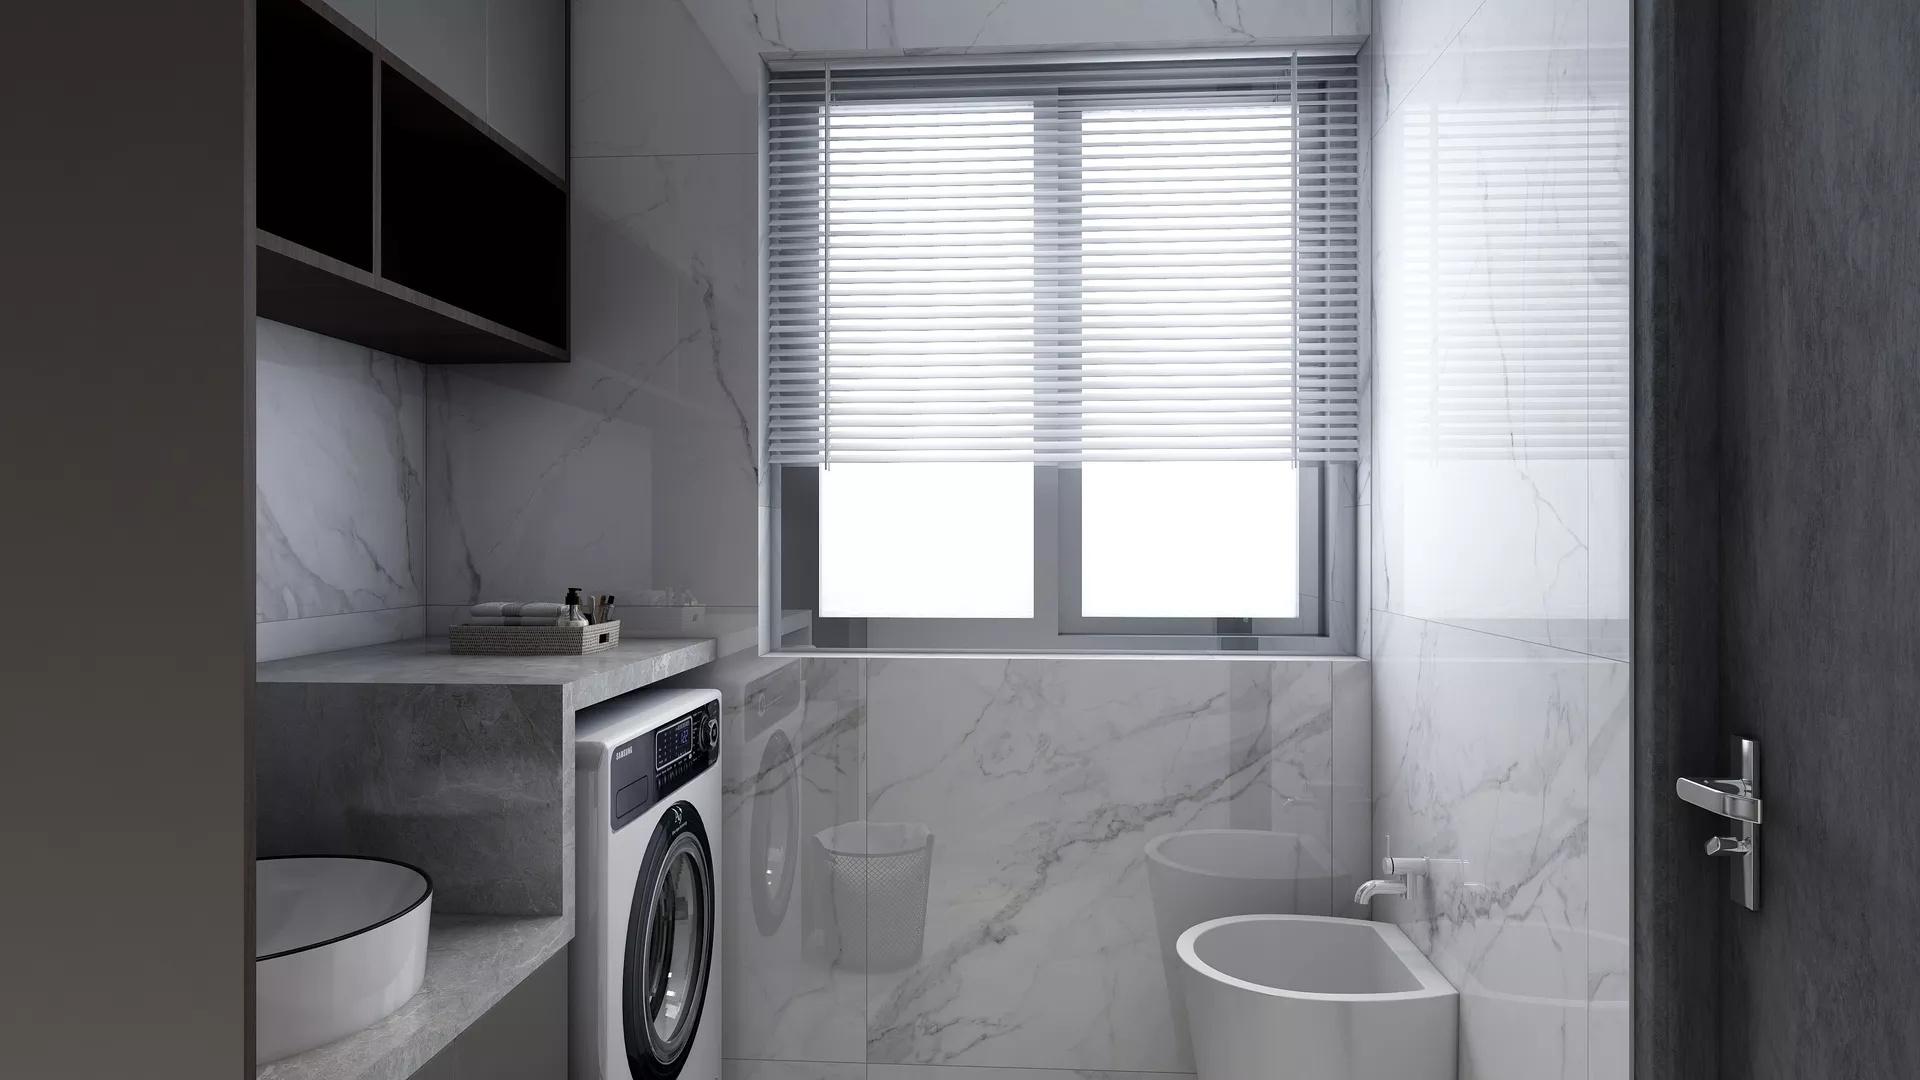 厨房玻璃隔断如何选购 厨房玻璃隔断安装注意事项